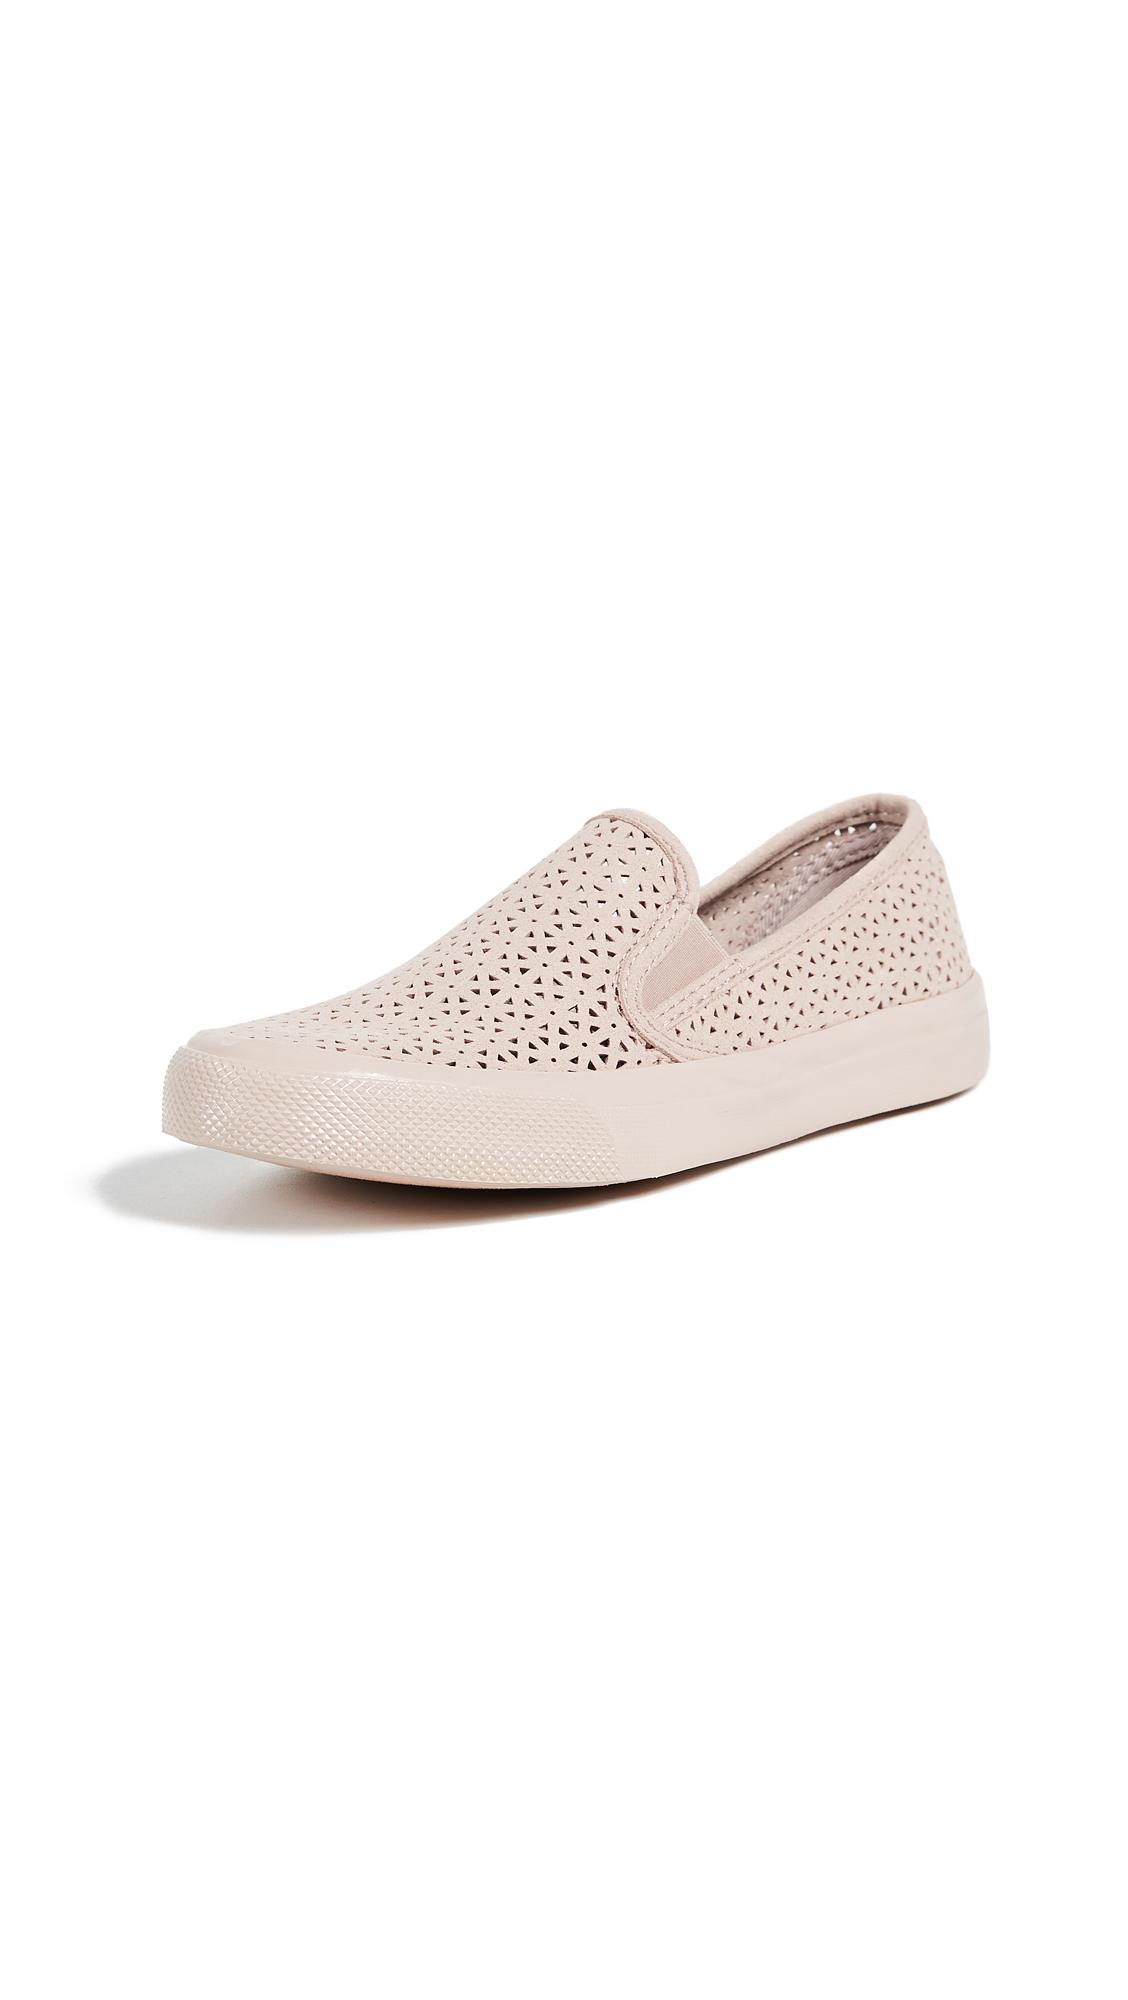 Sperry Seaside Nautical Perf Slip On Sneakers - Rose